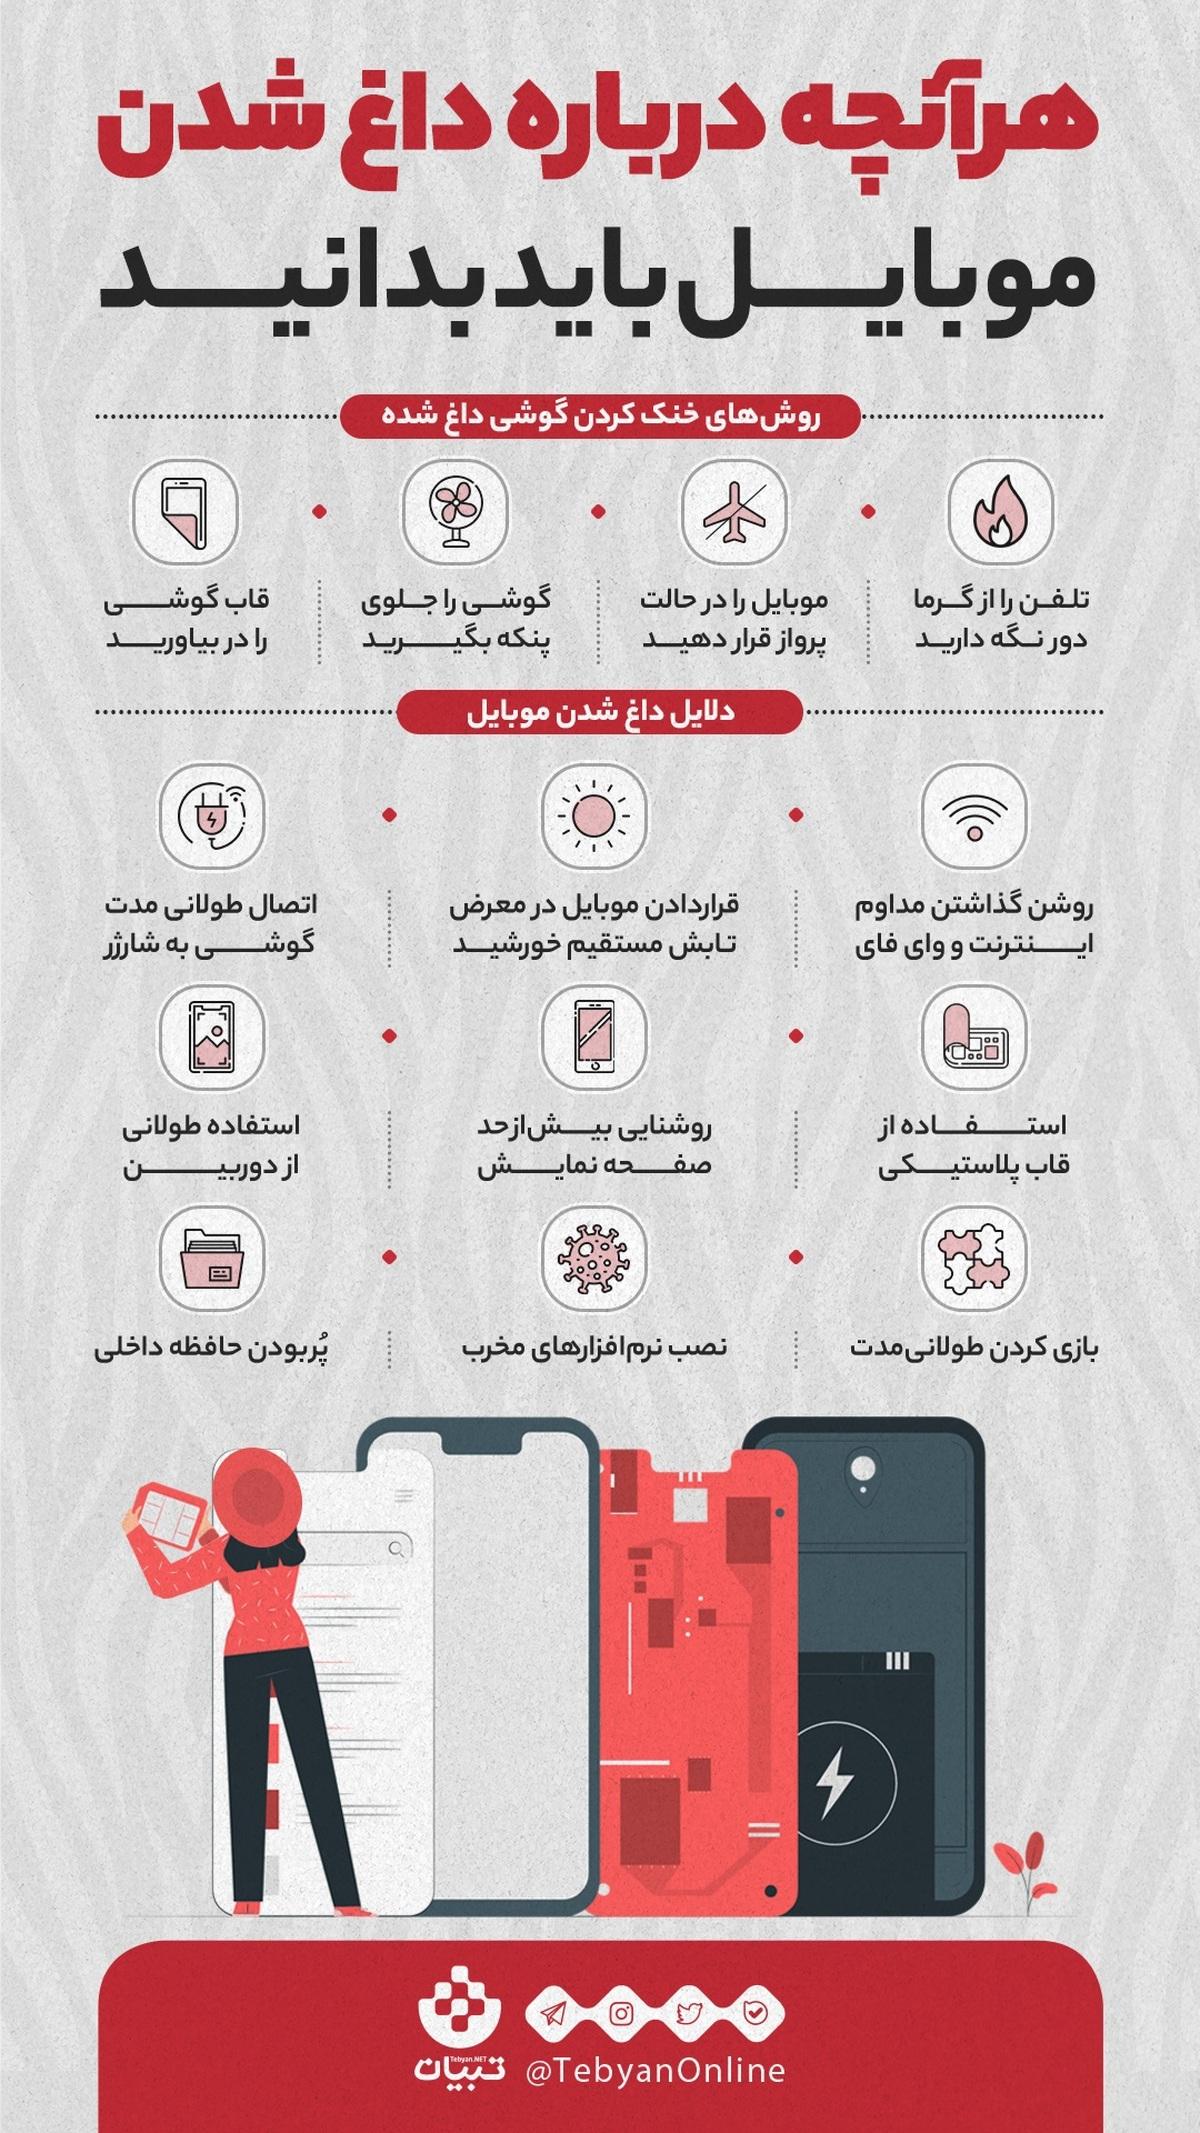 دلایلی که باعث داغ شدن موبایل میشود+عکس